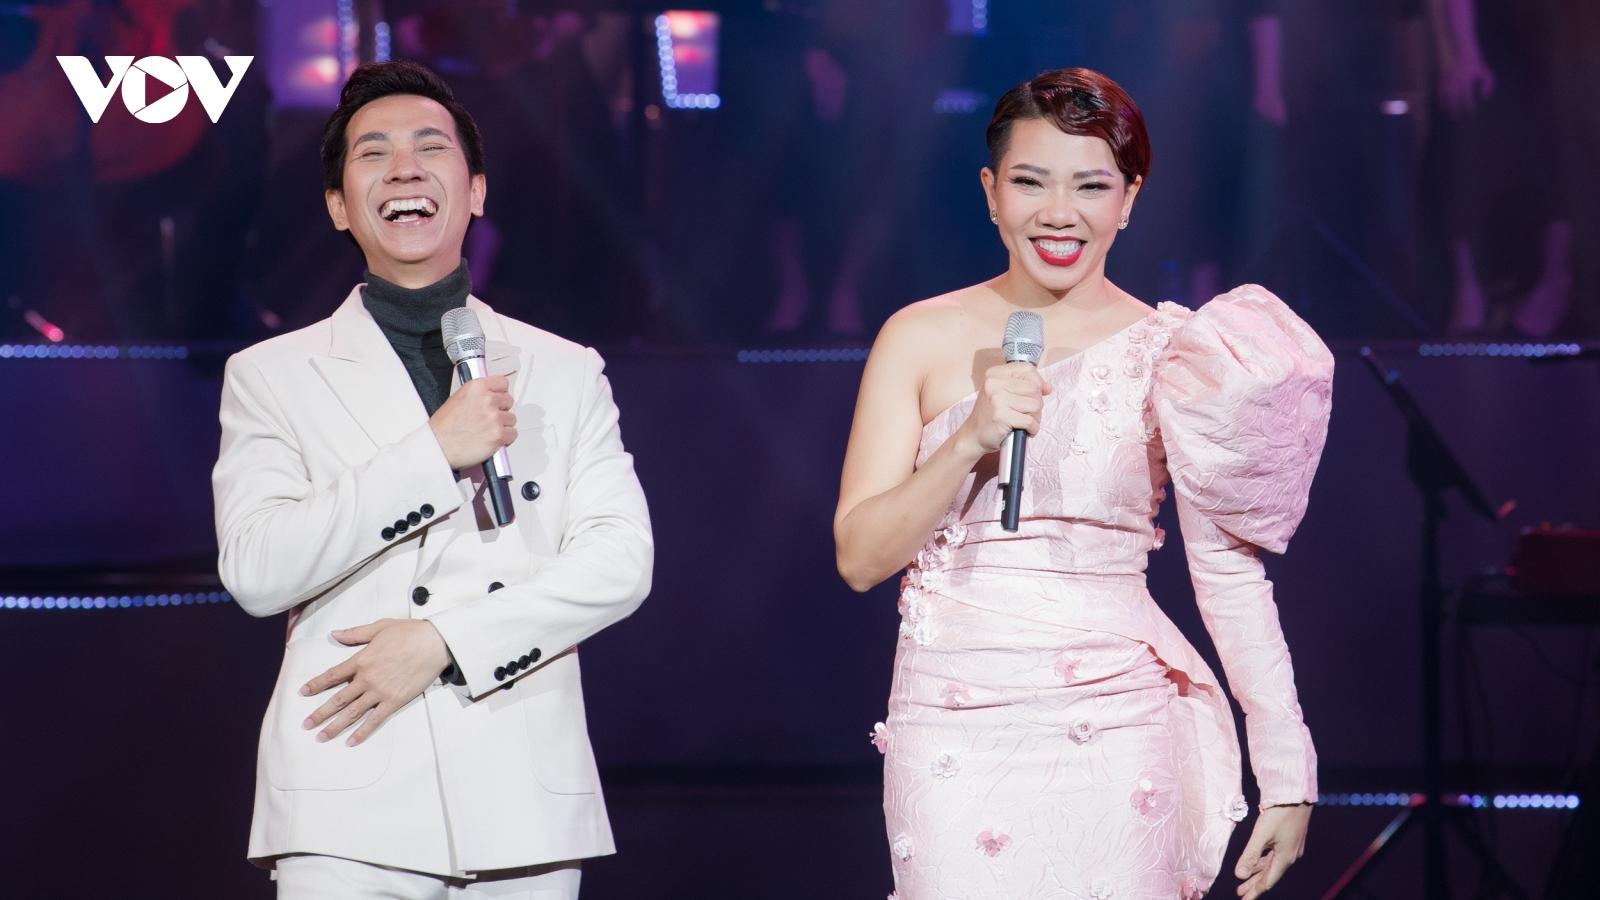 Diva Hà Trần khen Lê Anh Dũng có giọng đẹp, đậm chất quý ông